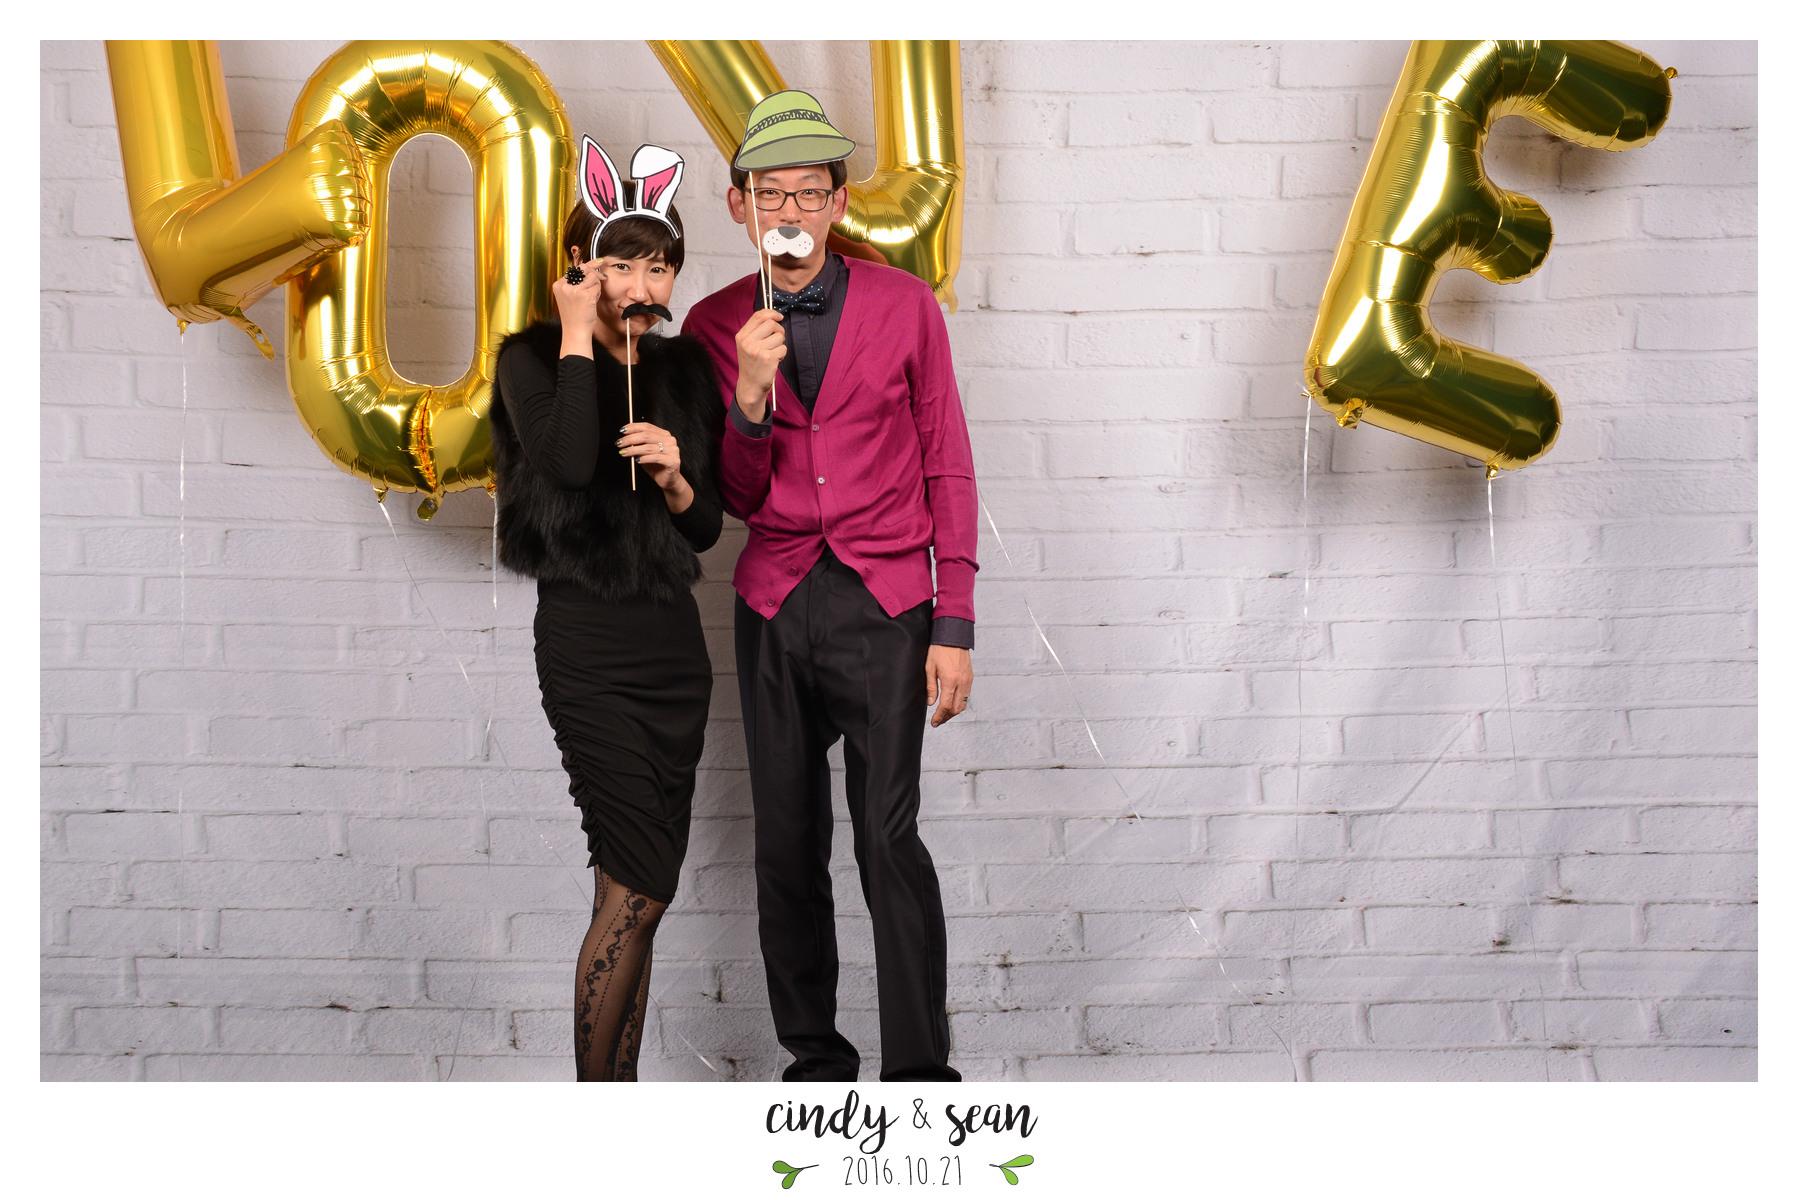 Cindy Sean Bae - 0001-75.jpg